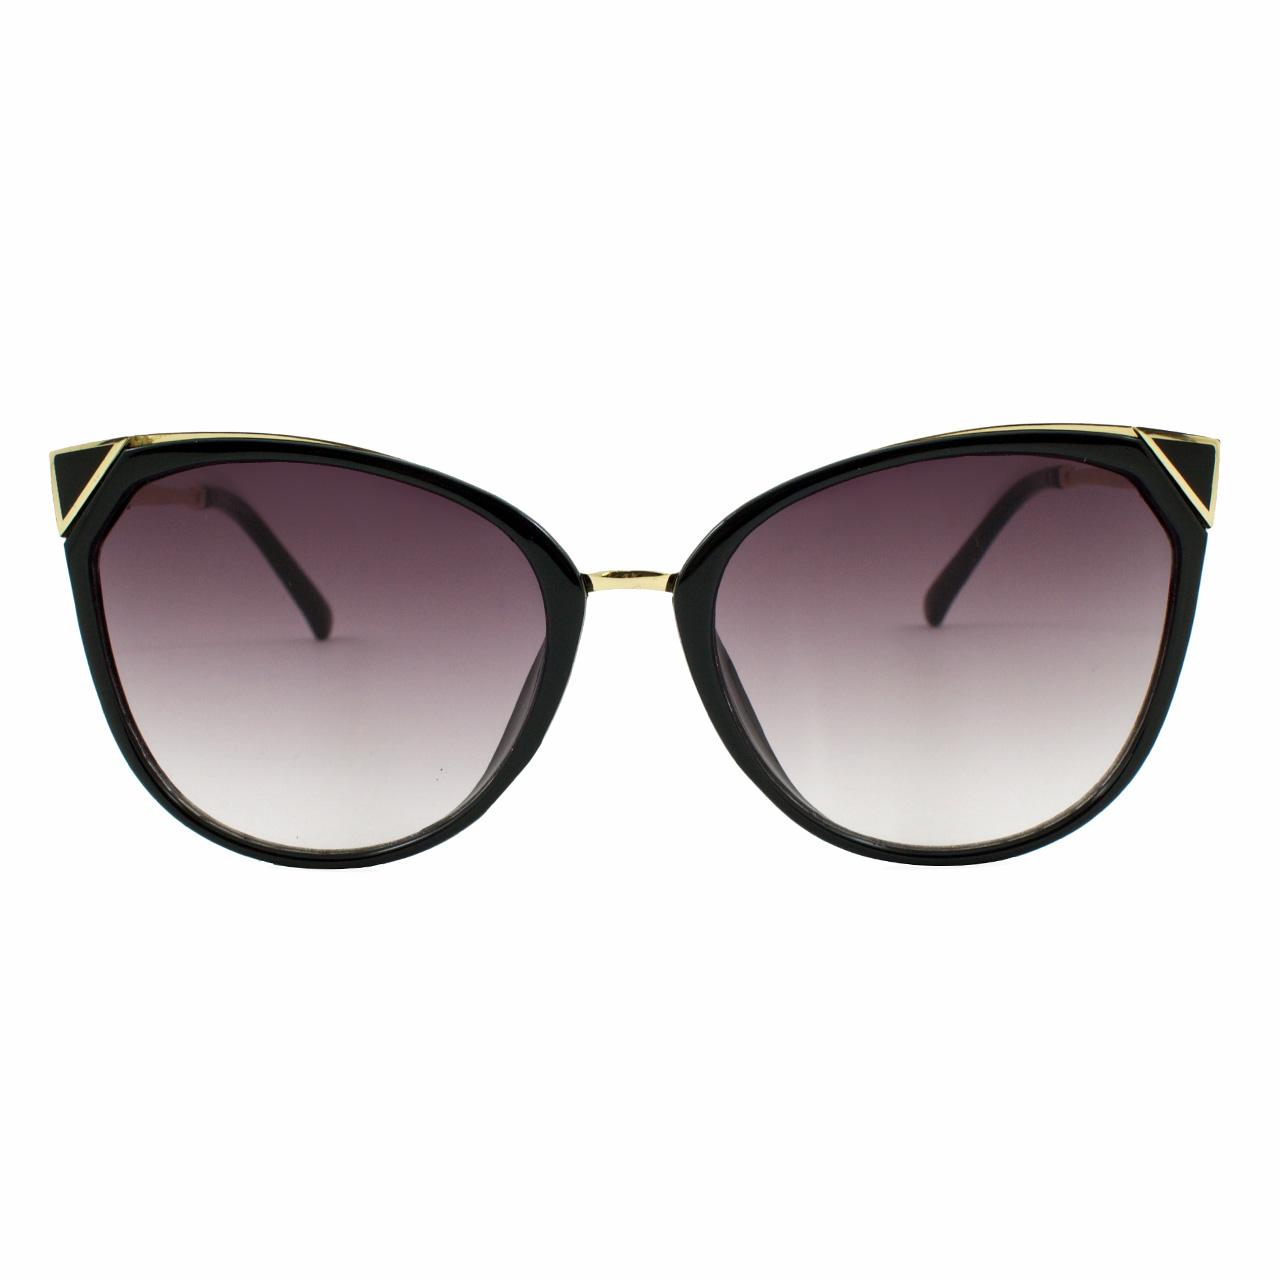 قیمت عینک آفتابی زنانه مدل True Black Shifted Edge